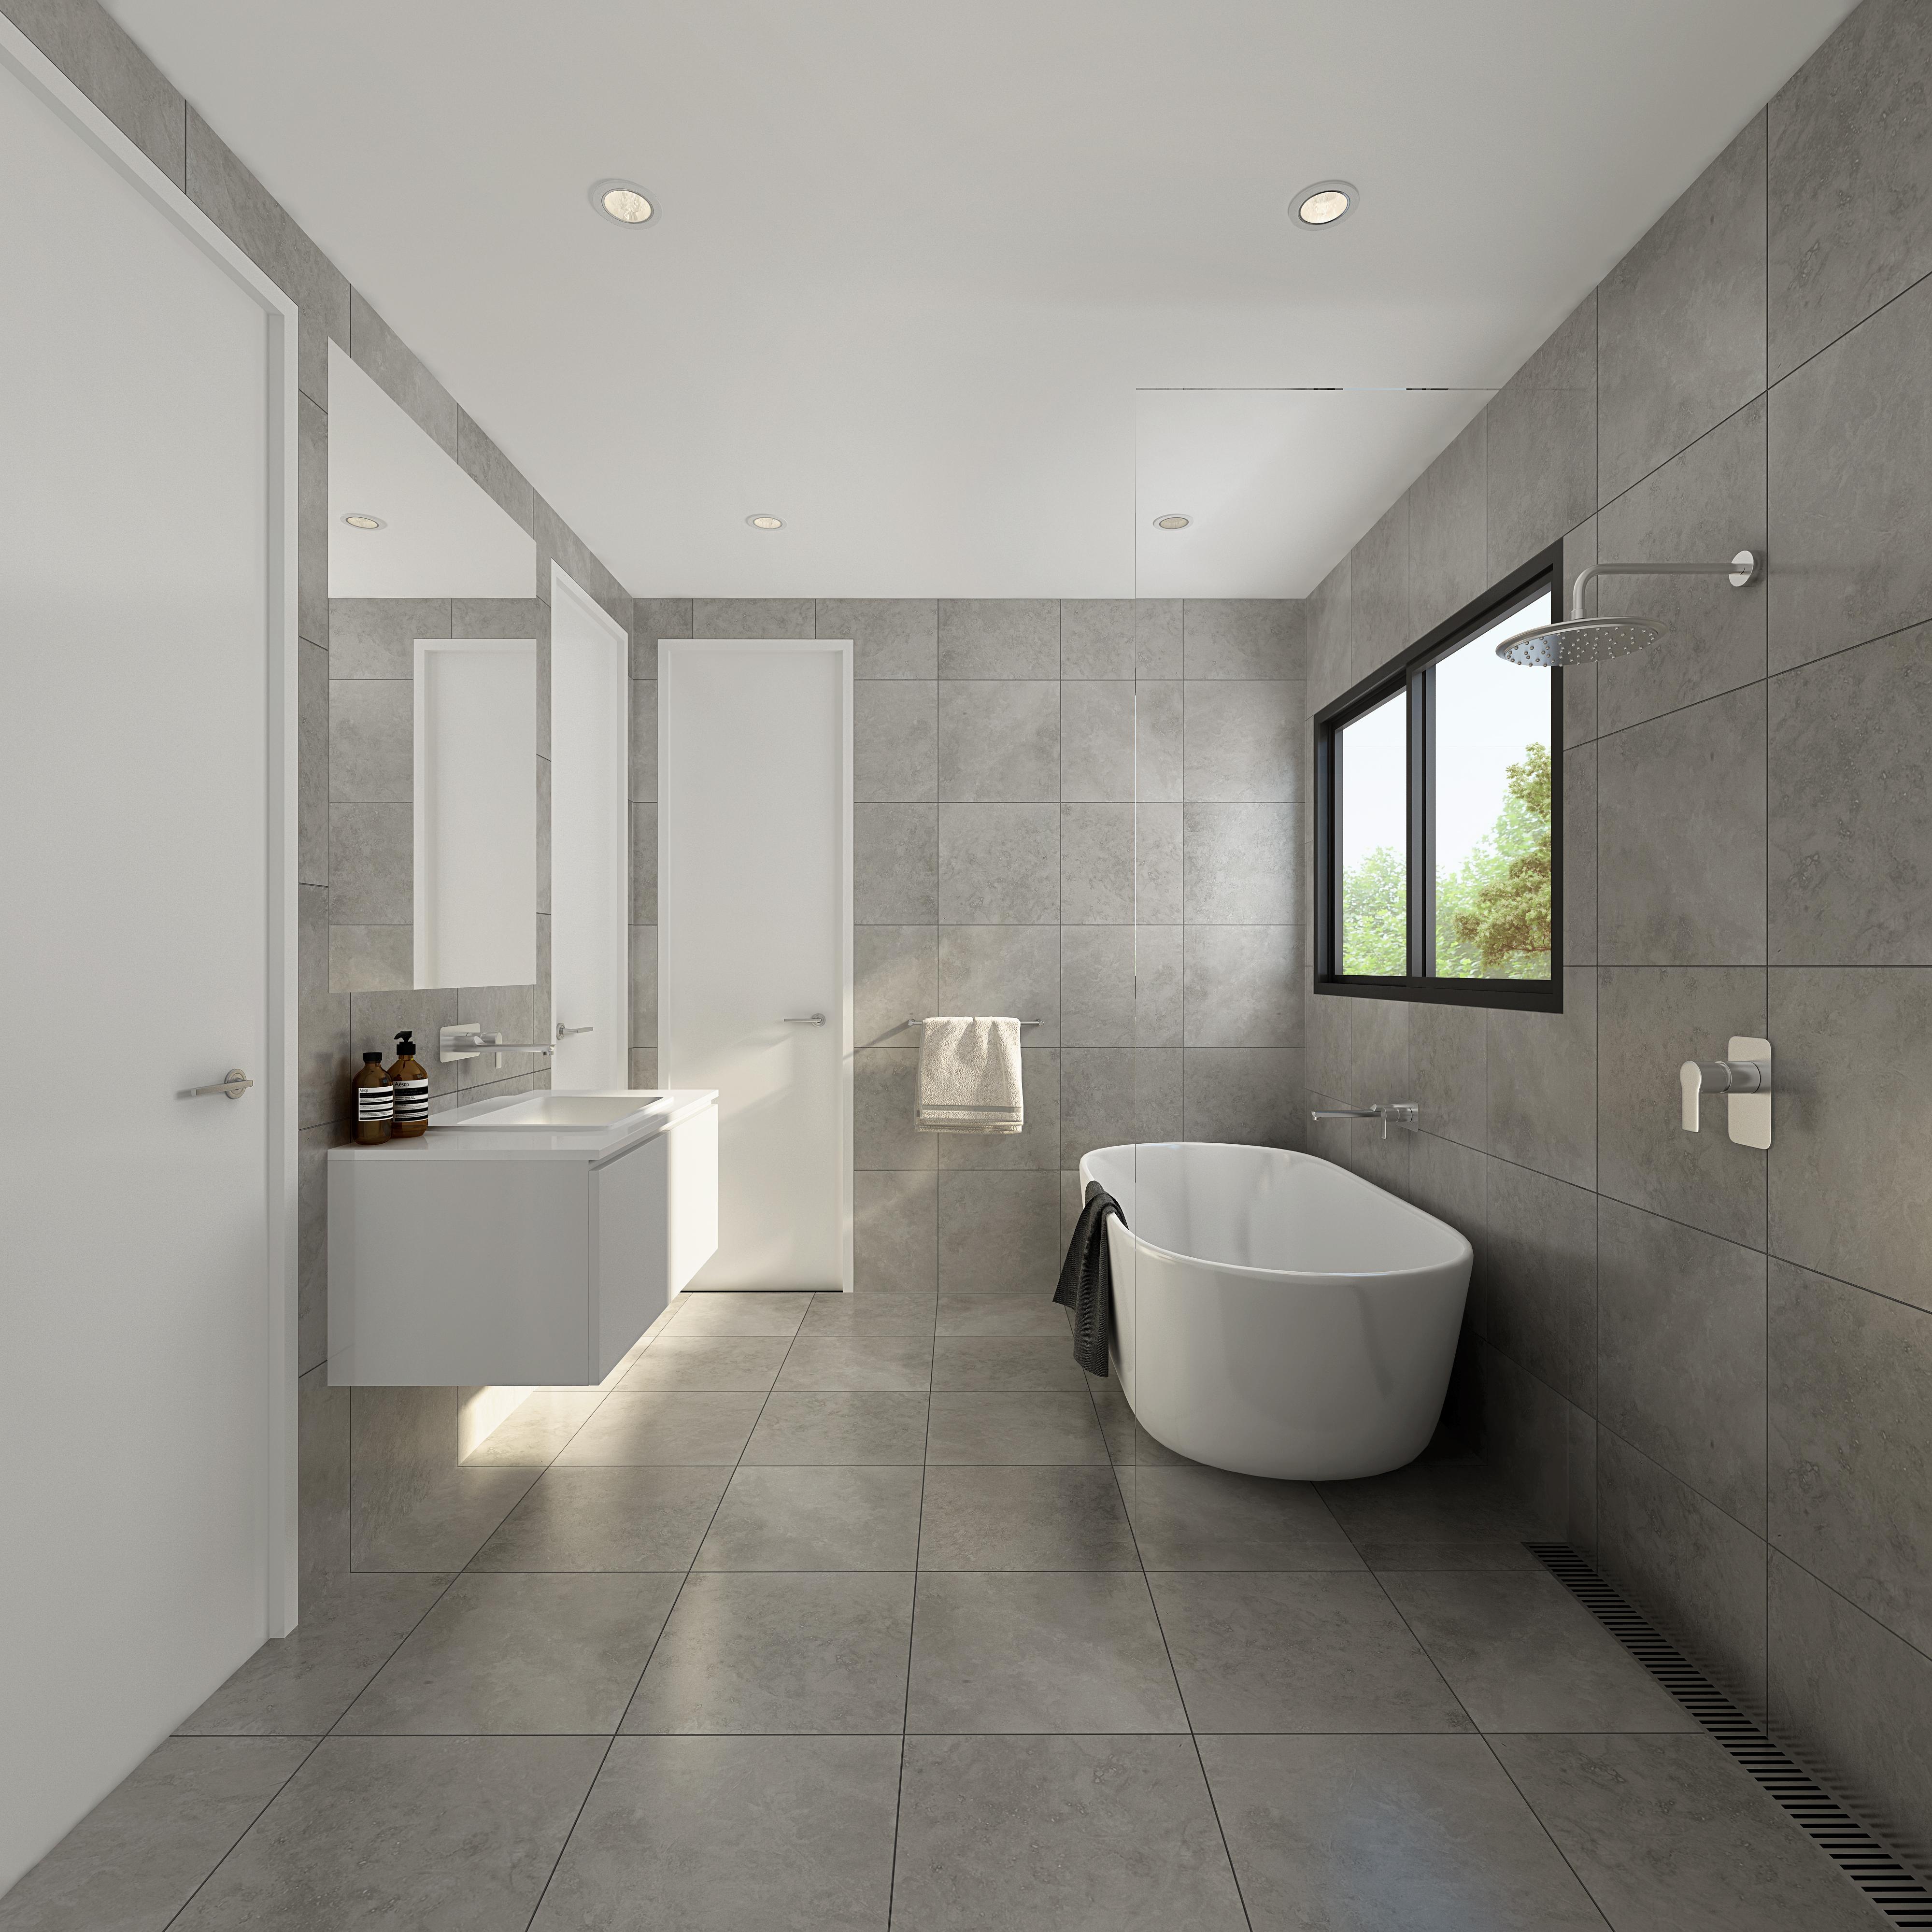 3 6354 bathroom 02